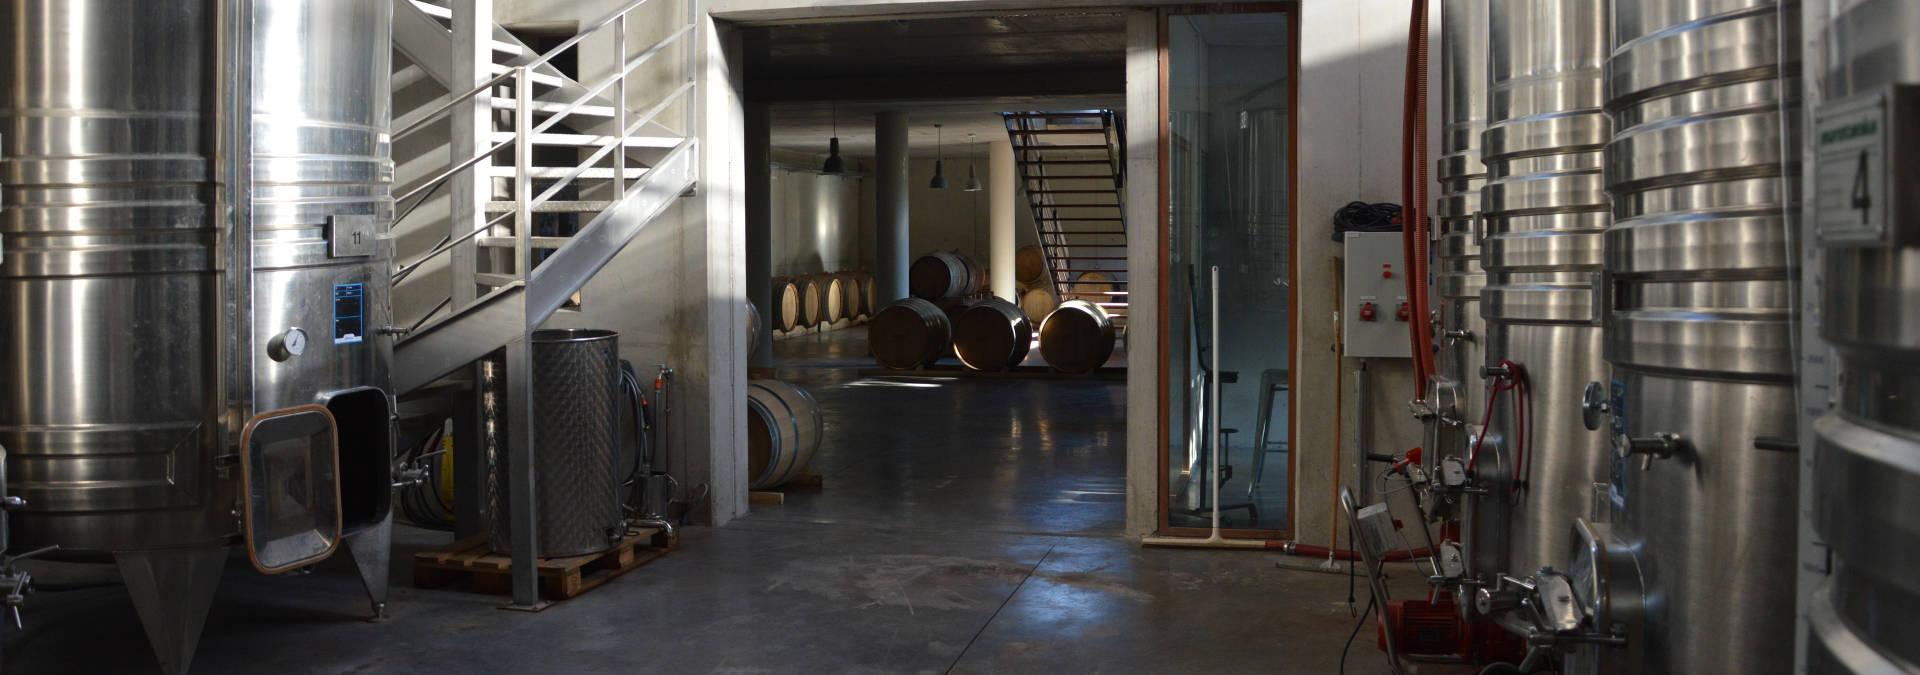 Visite découverte d'un domaine viticole et dégustation de vins